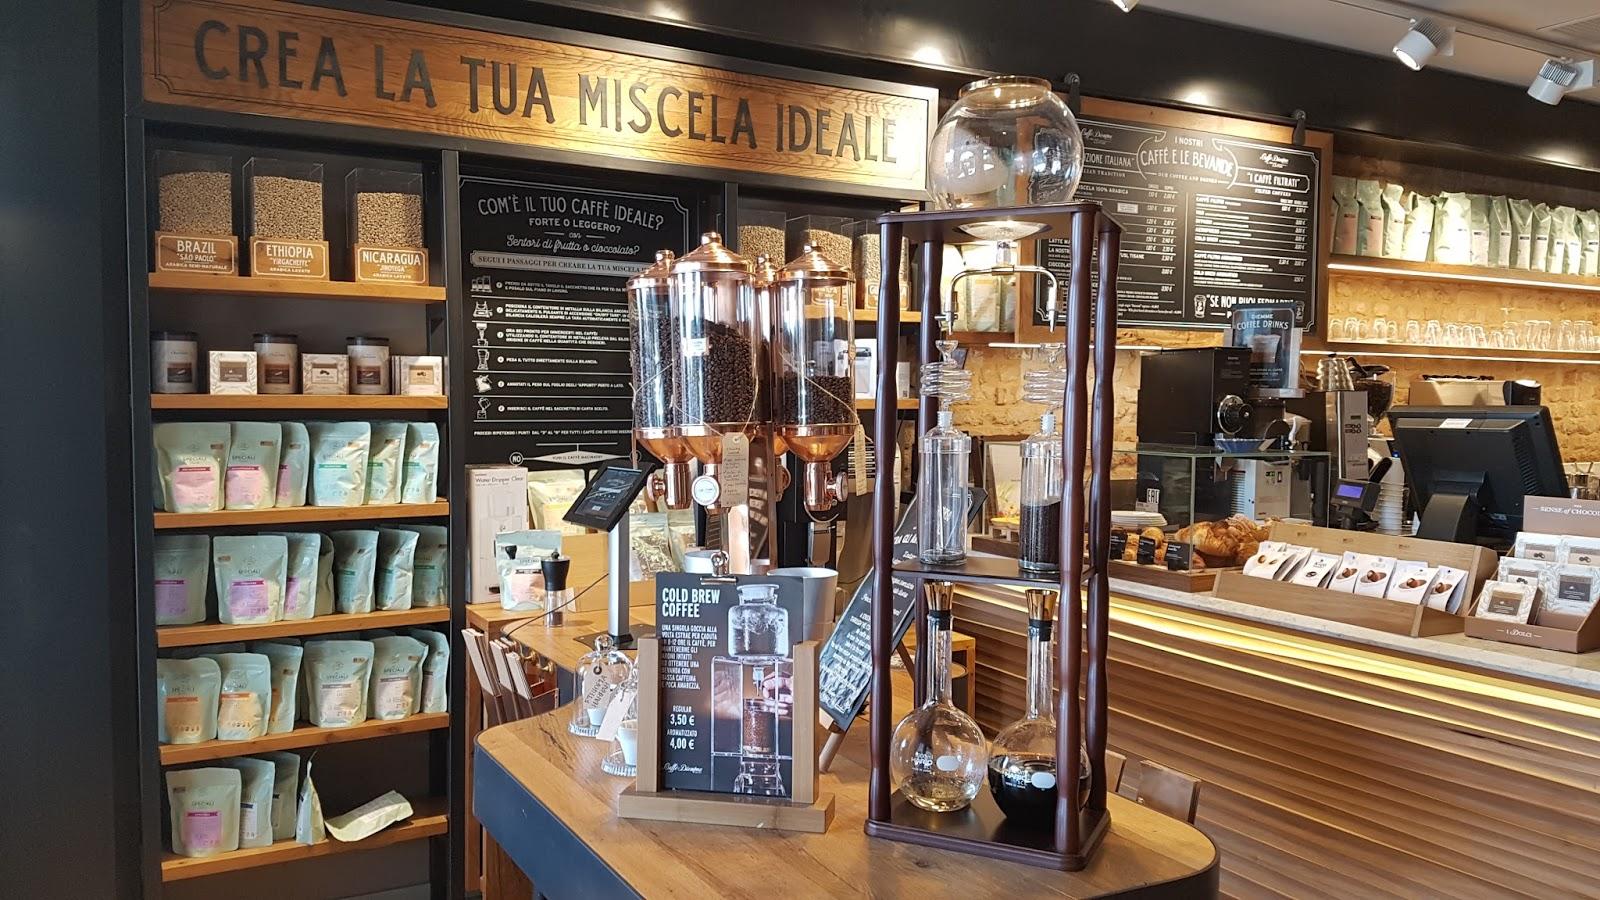 [Lifestyle] Quando il caffè è una vera passione: Caffè Diemme. Un nuovo locale da scoprire [Chiccheria n.19]